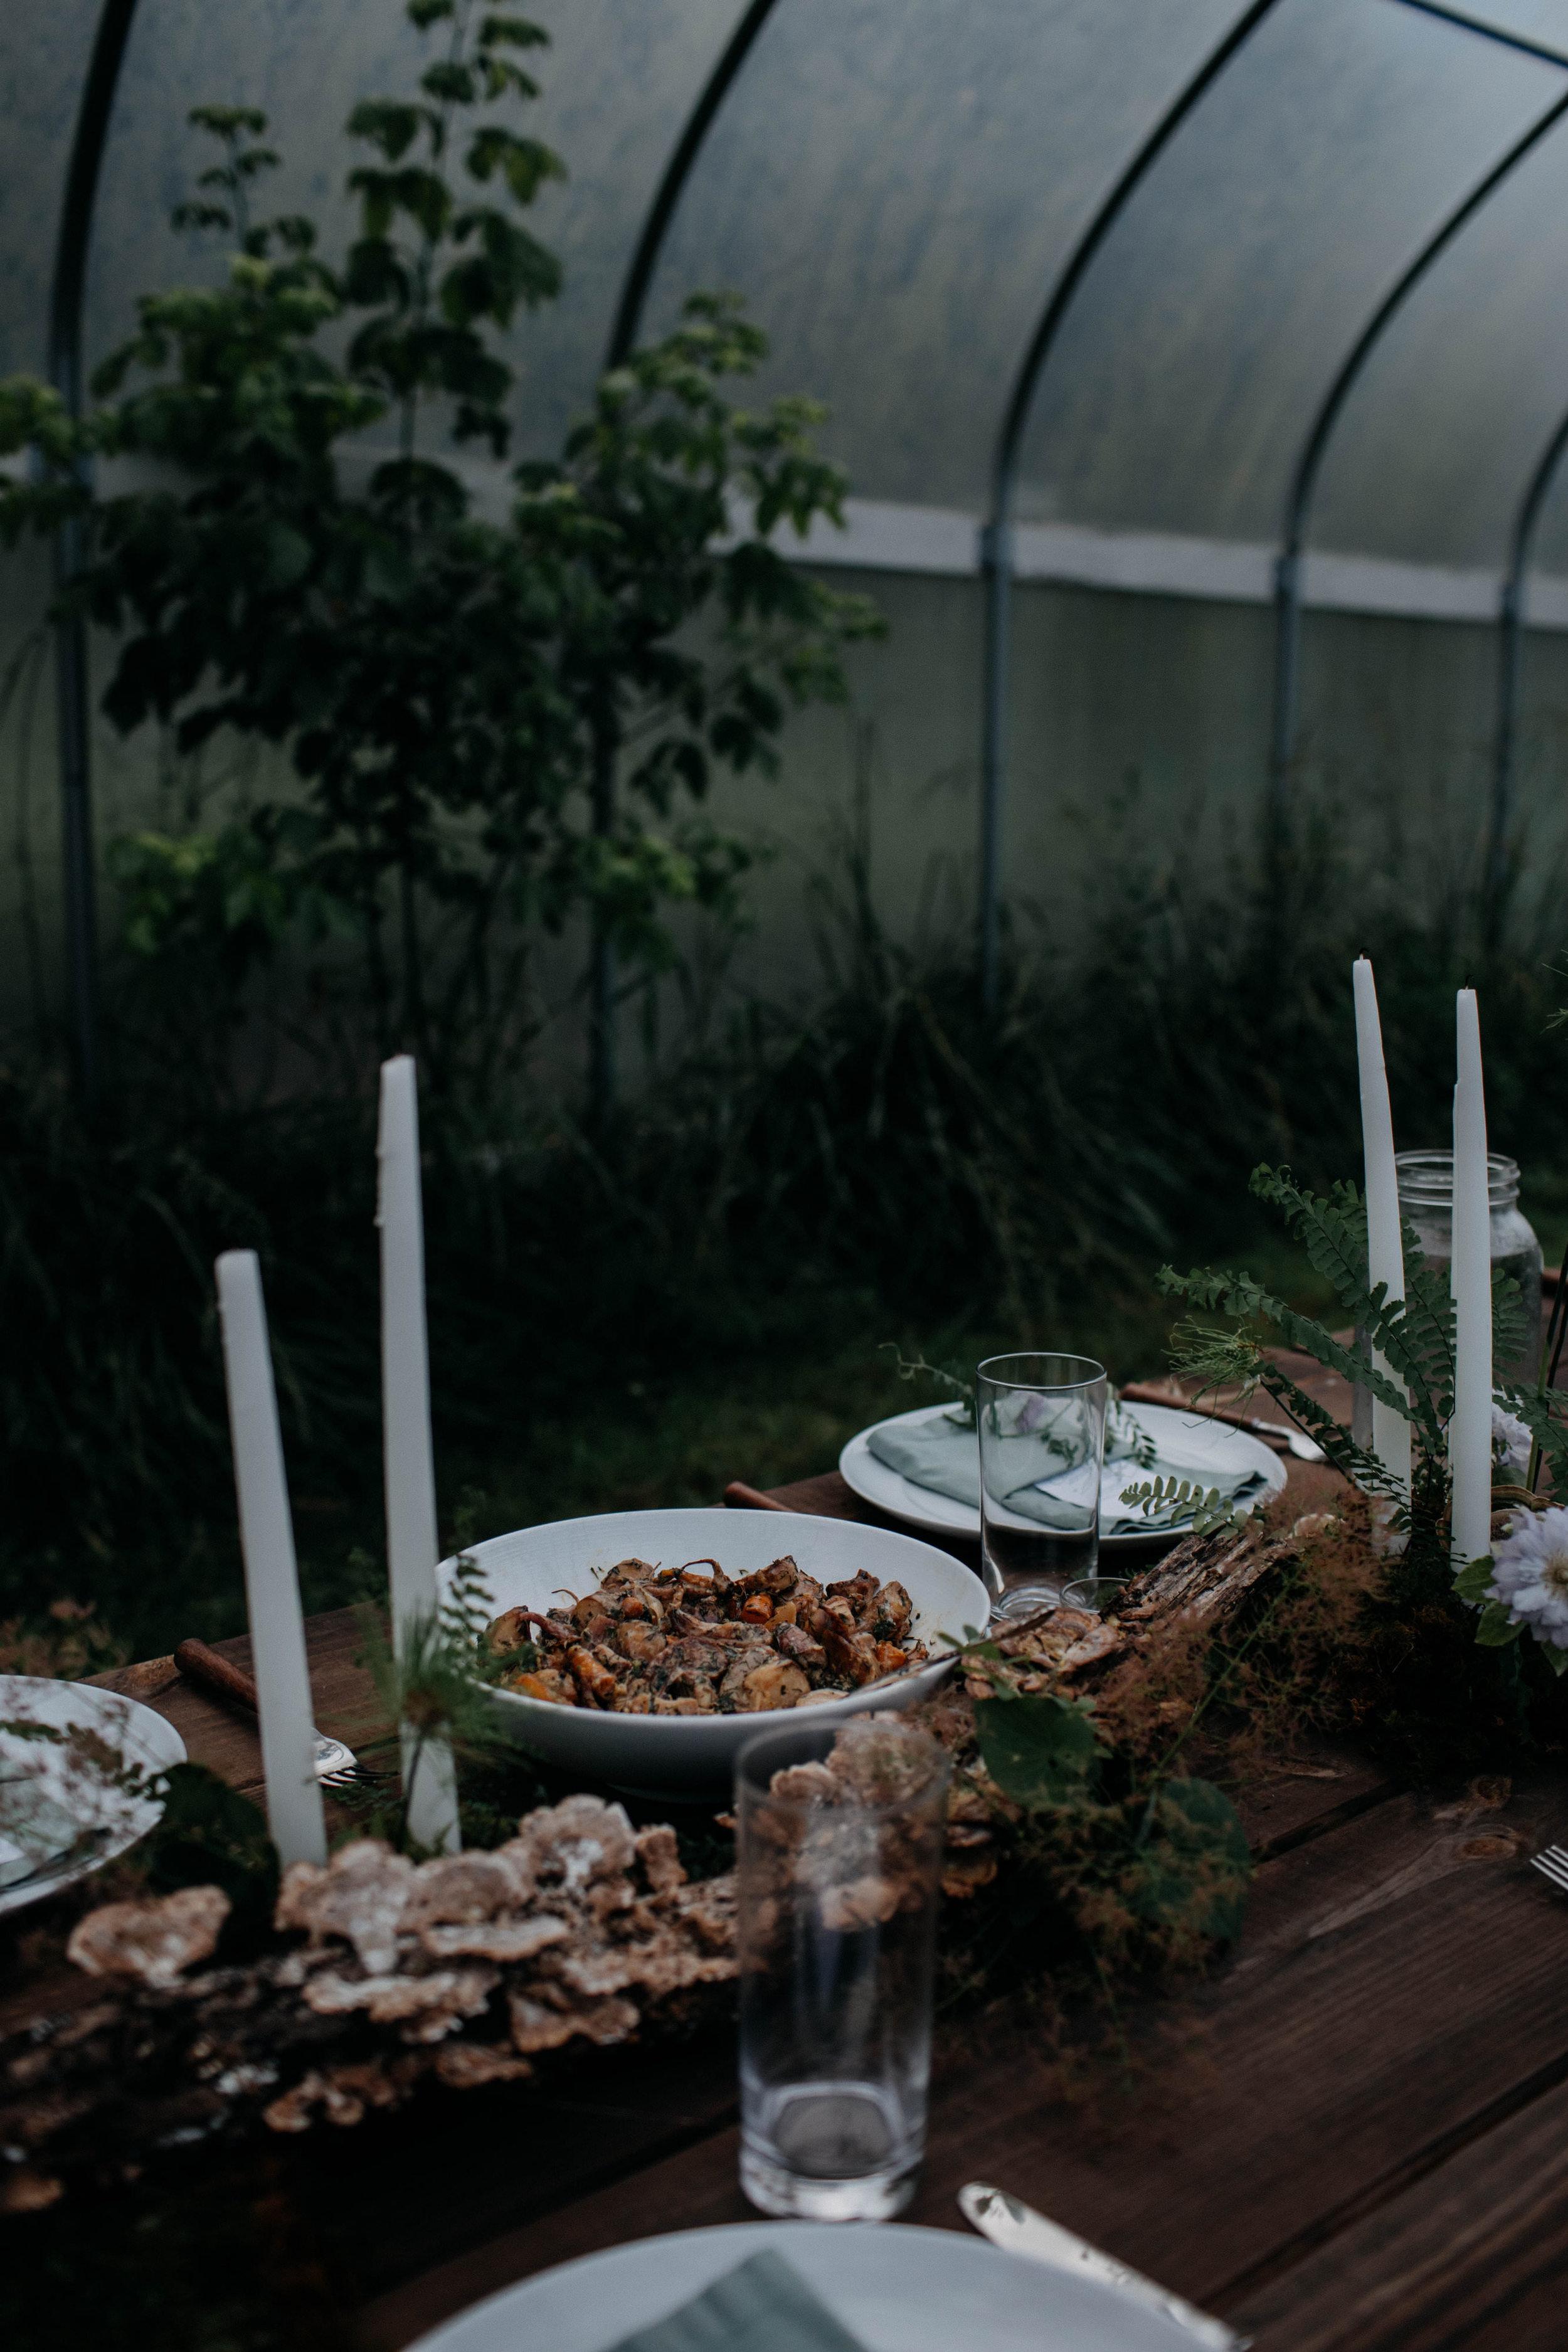 nashville floral workshop nashville tennessee wedding photographer134.jpg